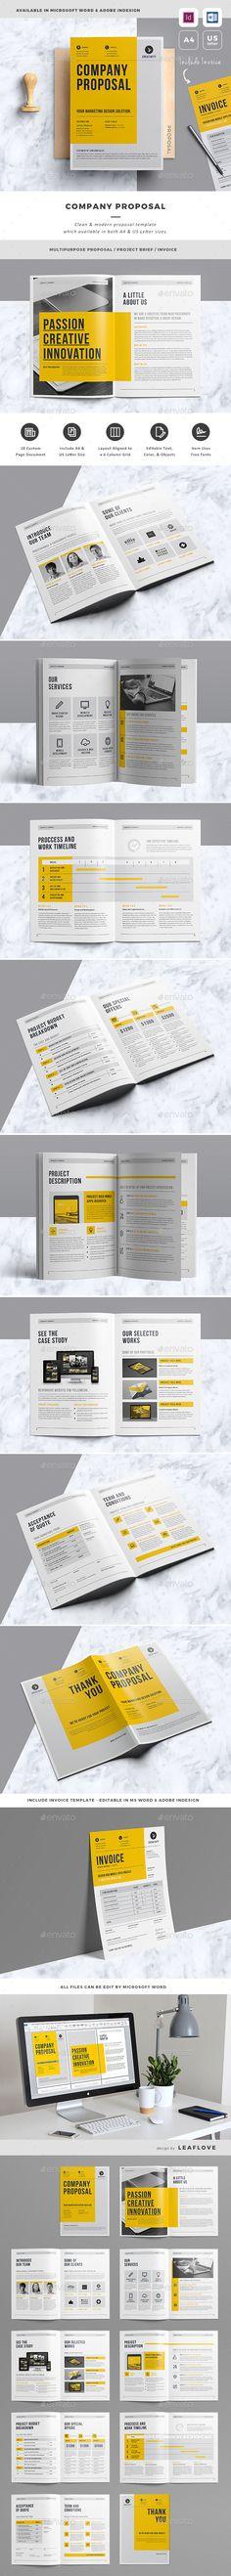 Clean Inbound Marketing Proposal u2014 InDesign Template #seo - marketing proposal templates